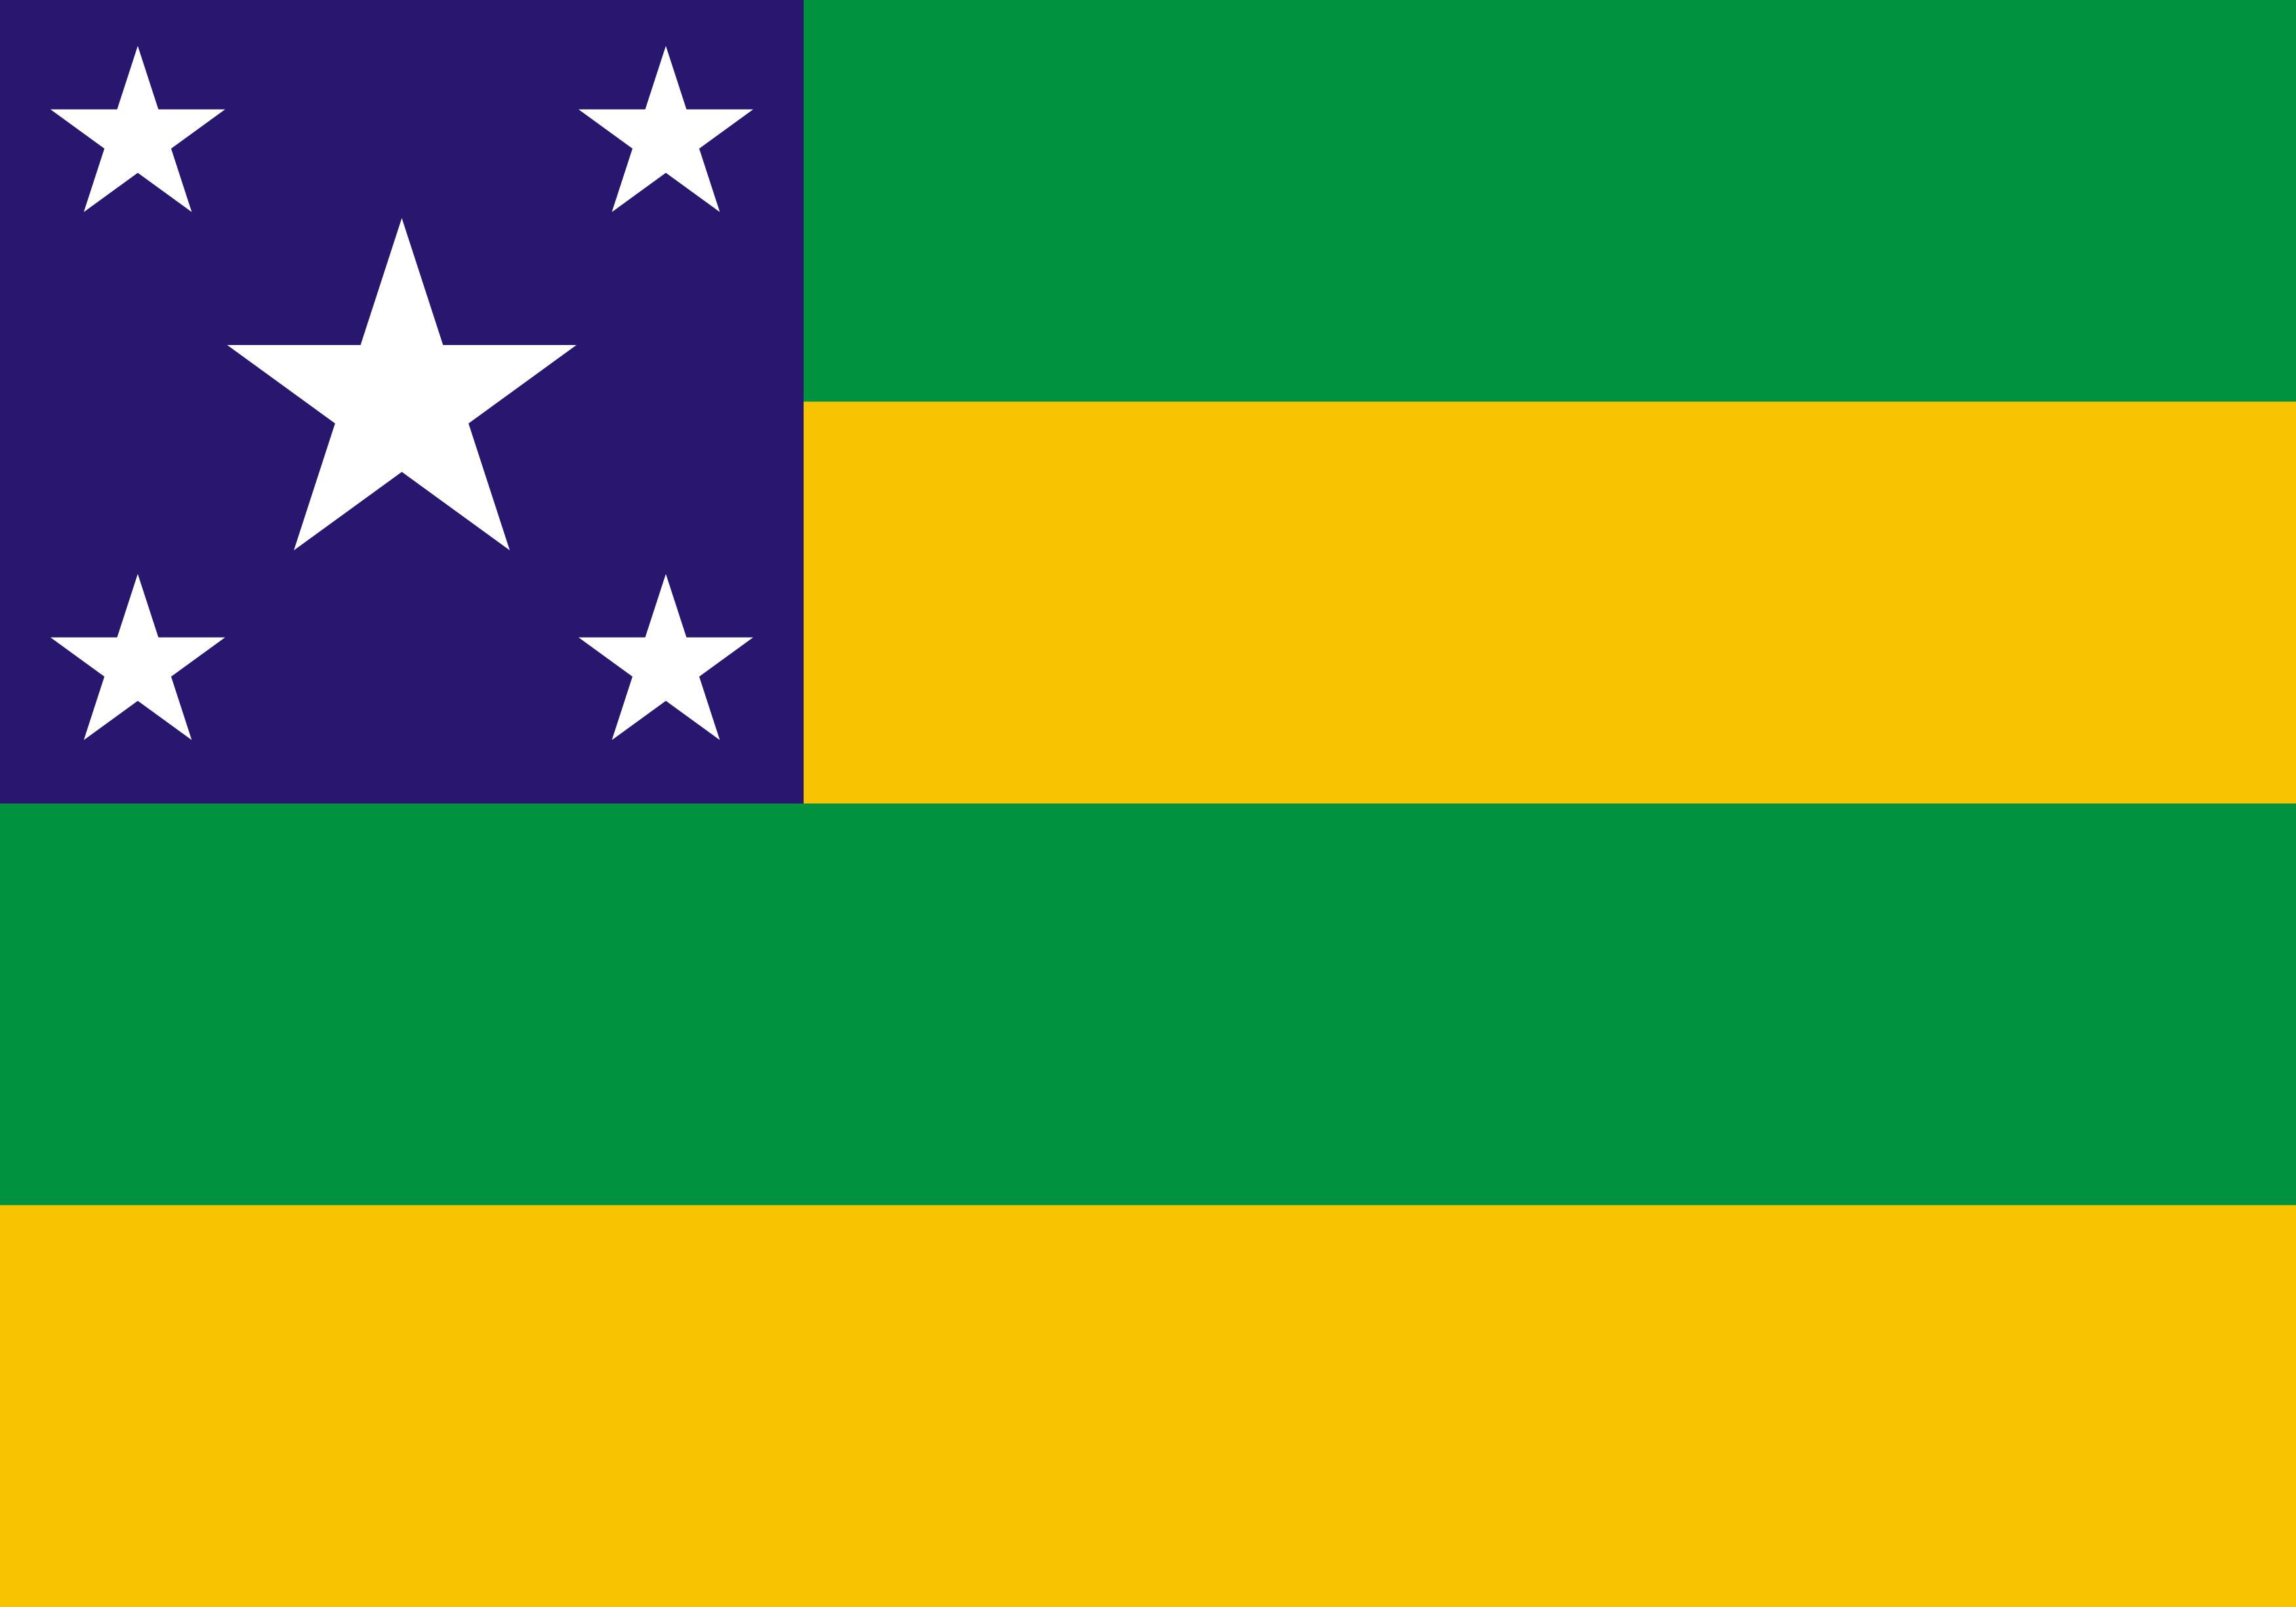 Bandeira de Sergipe, estado.